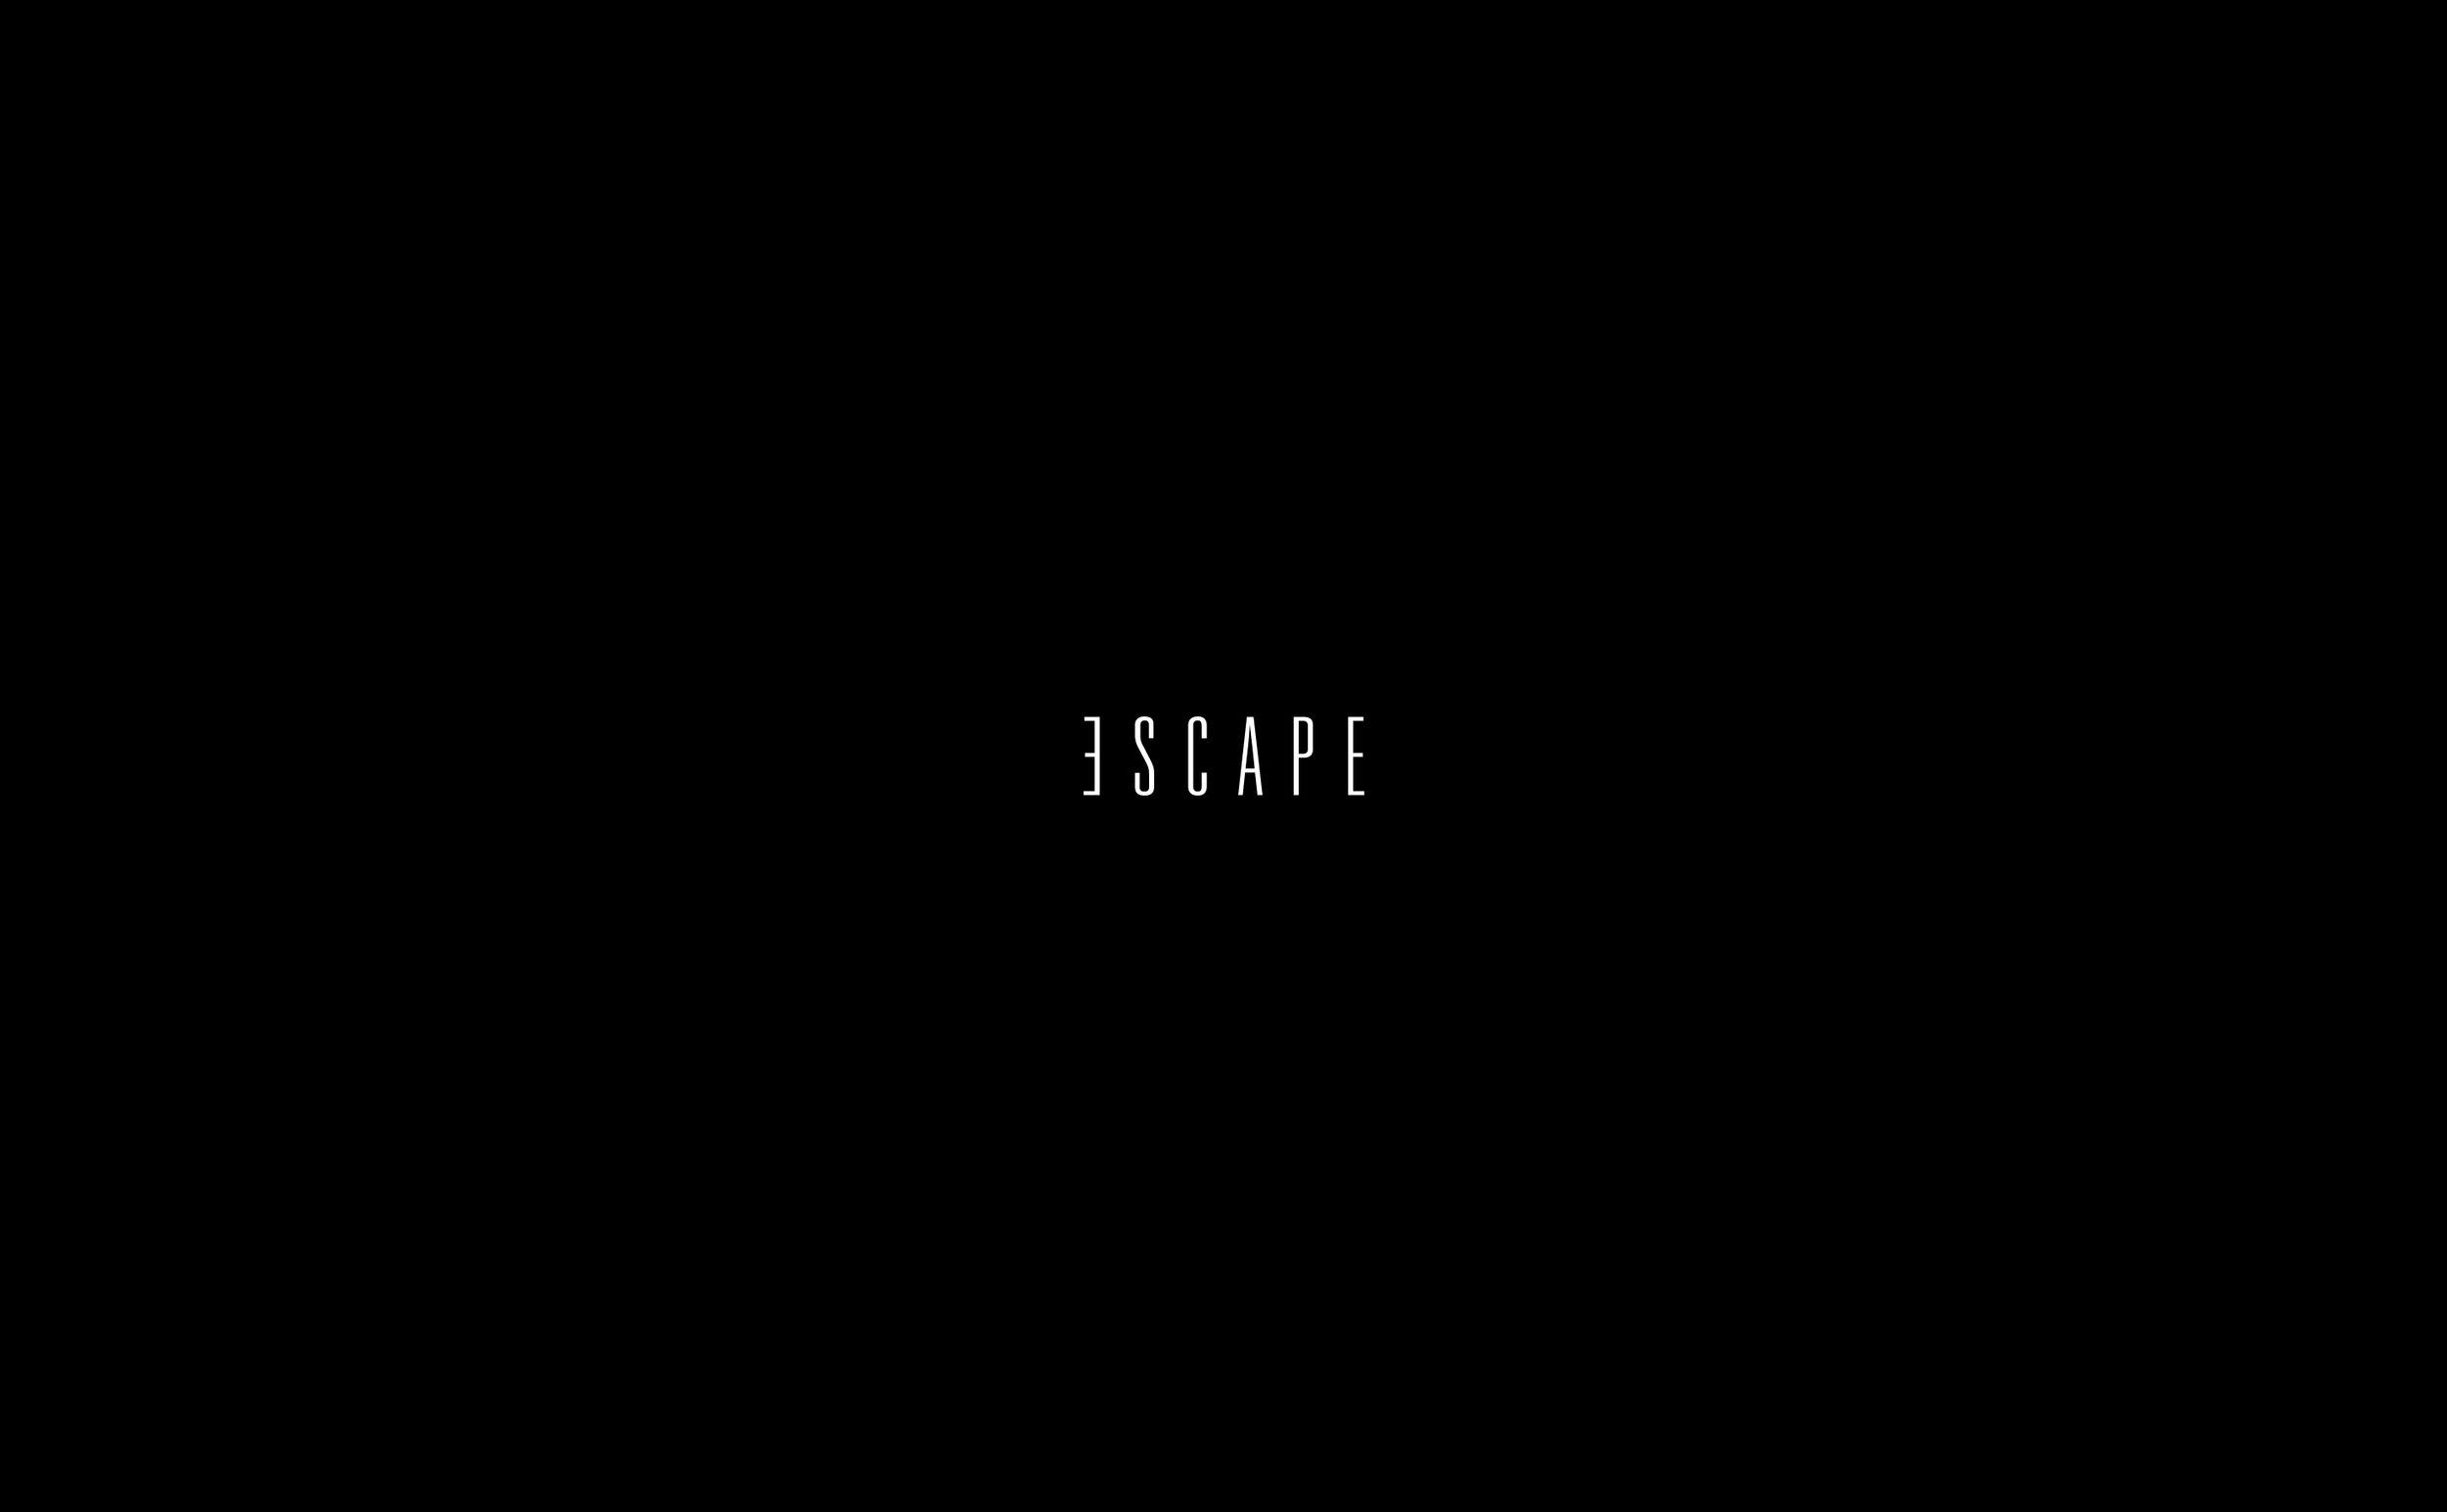 escape 004.jpg